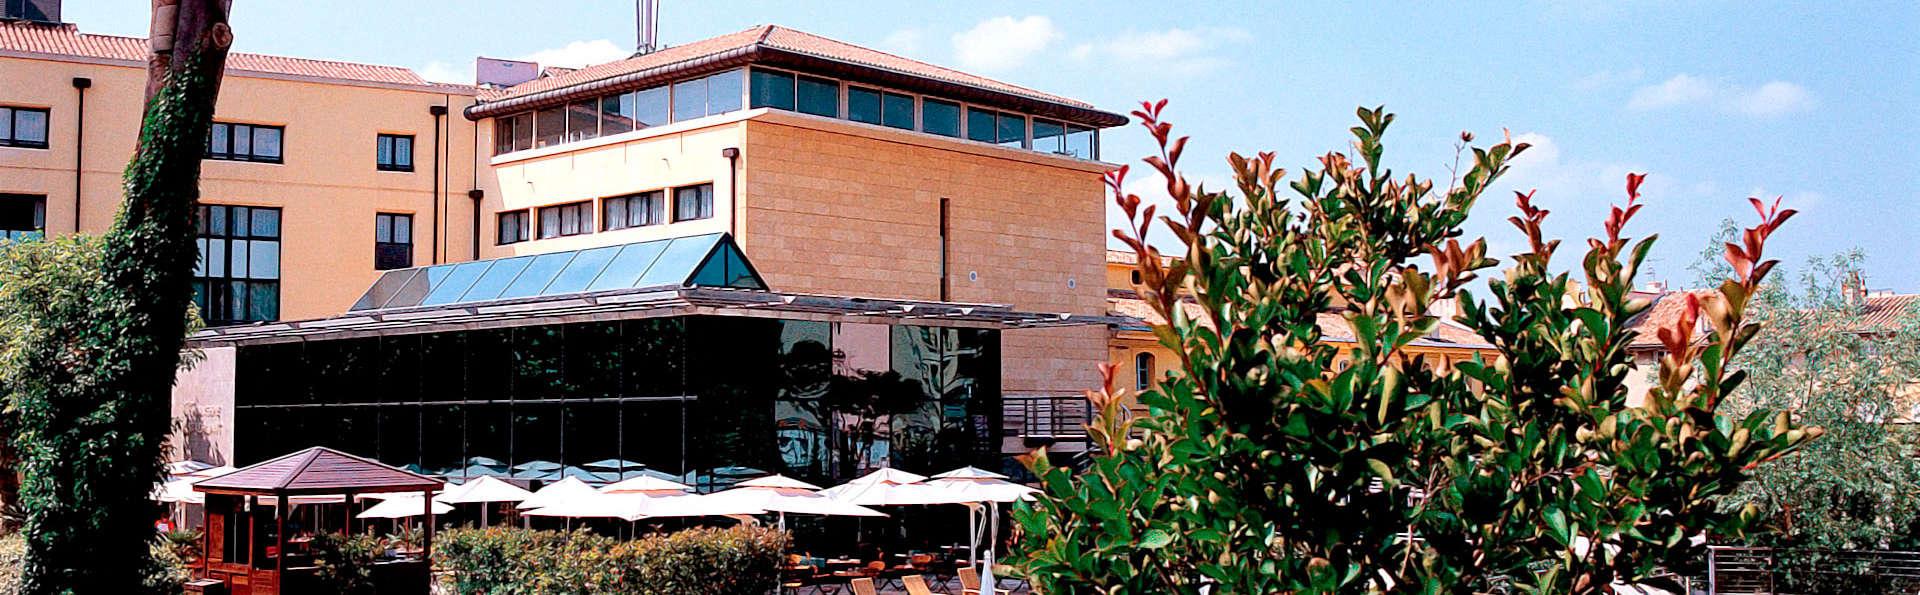 H tel aquabella h tel de charme aix en provence for Reservation hotel paca